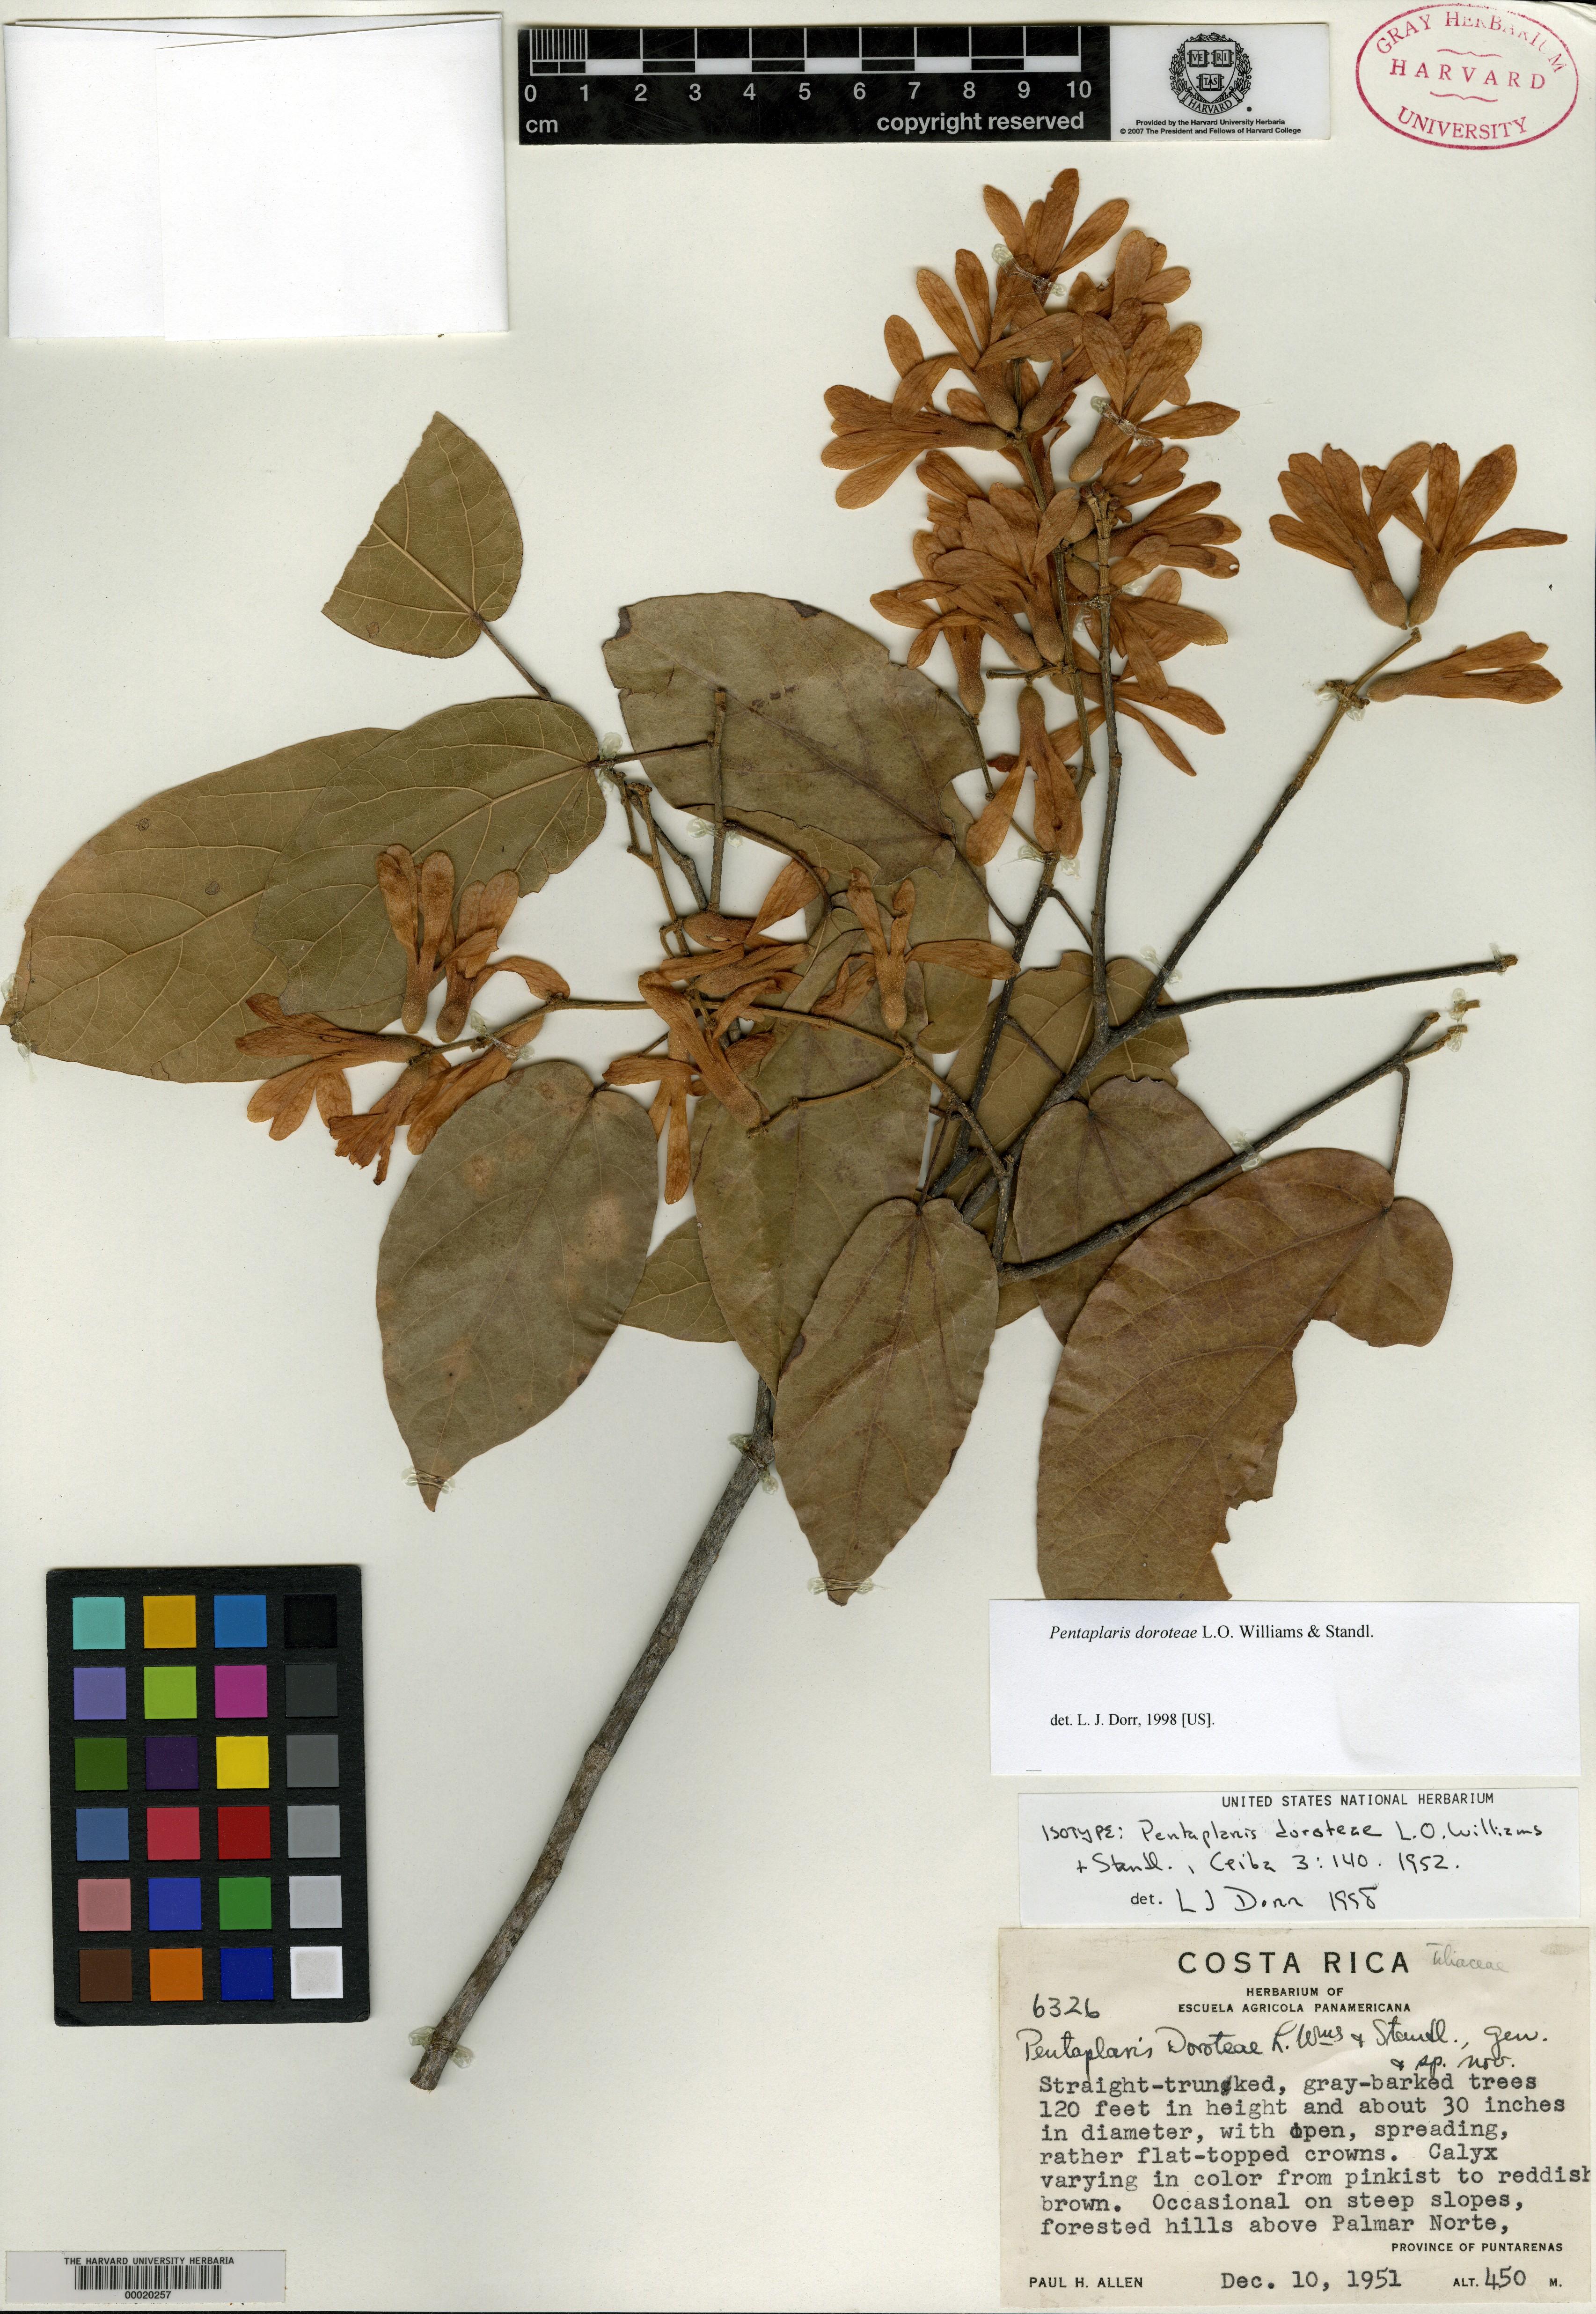 Pentaplaris doroteae image